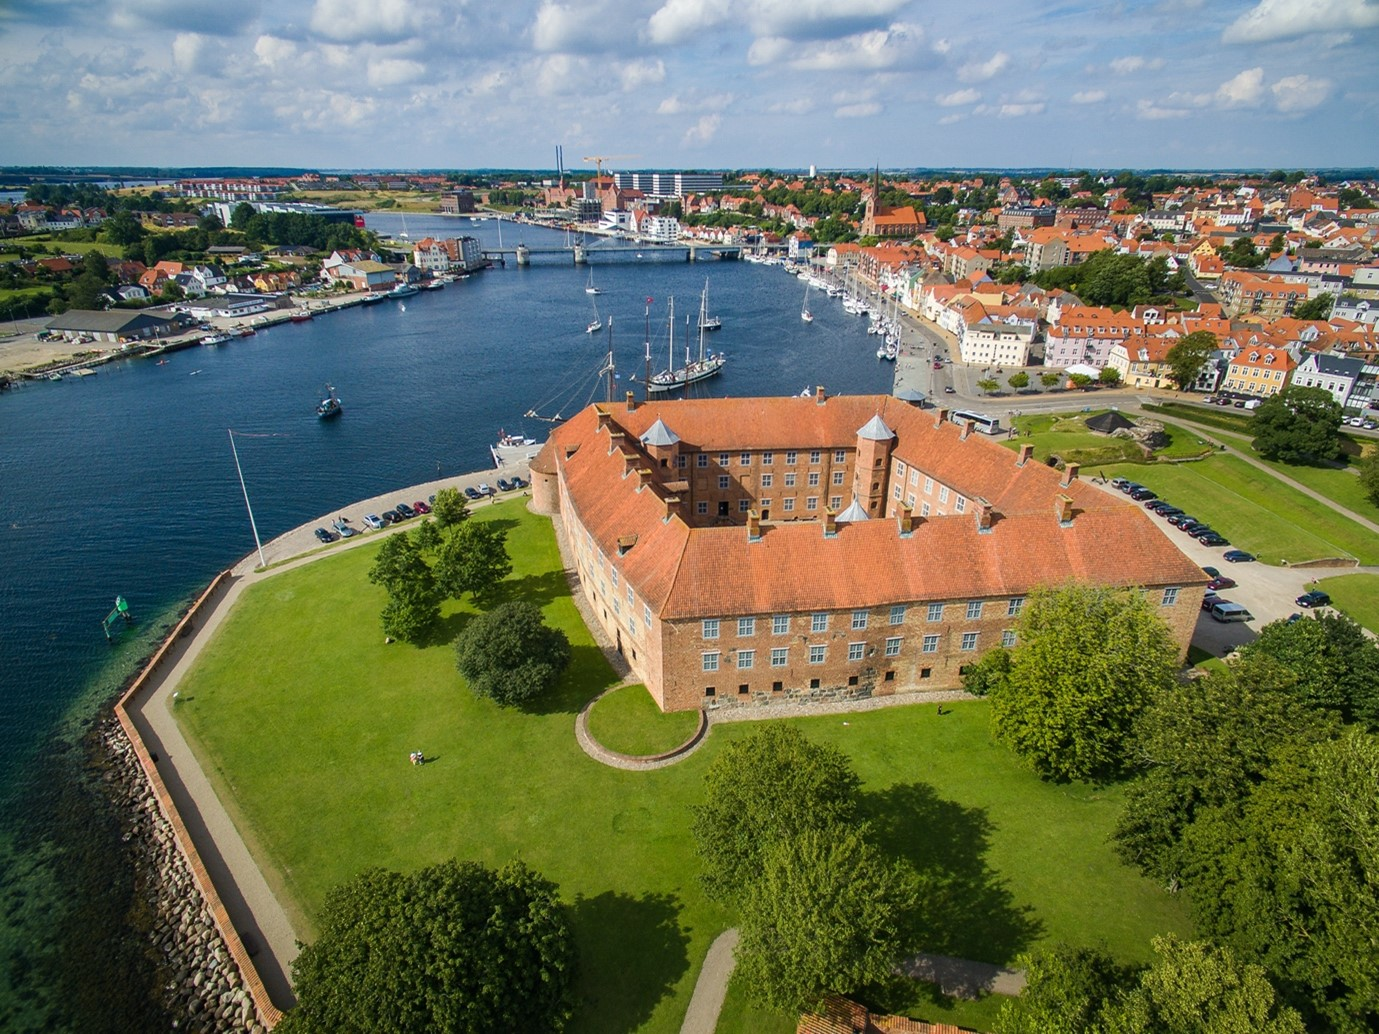 Guide: Sommerferie i Sønderborg for hele familien